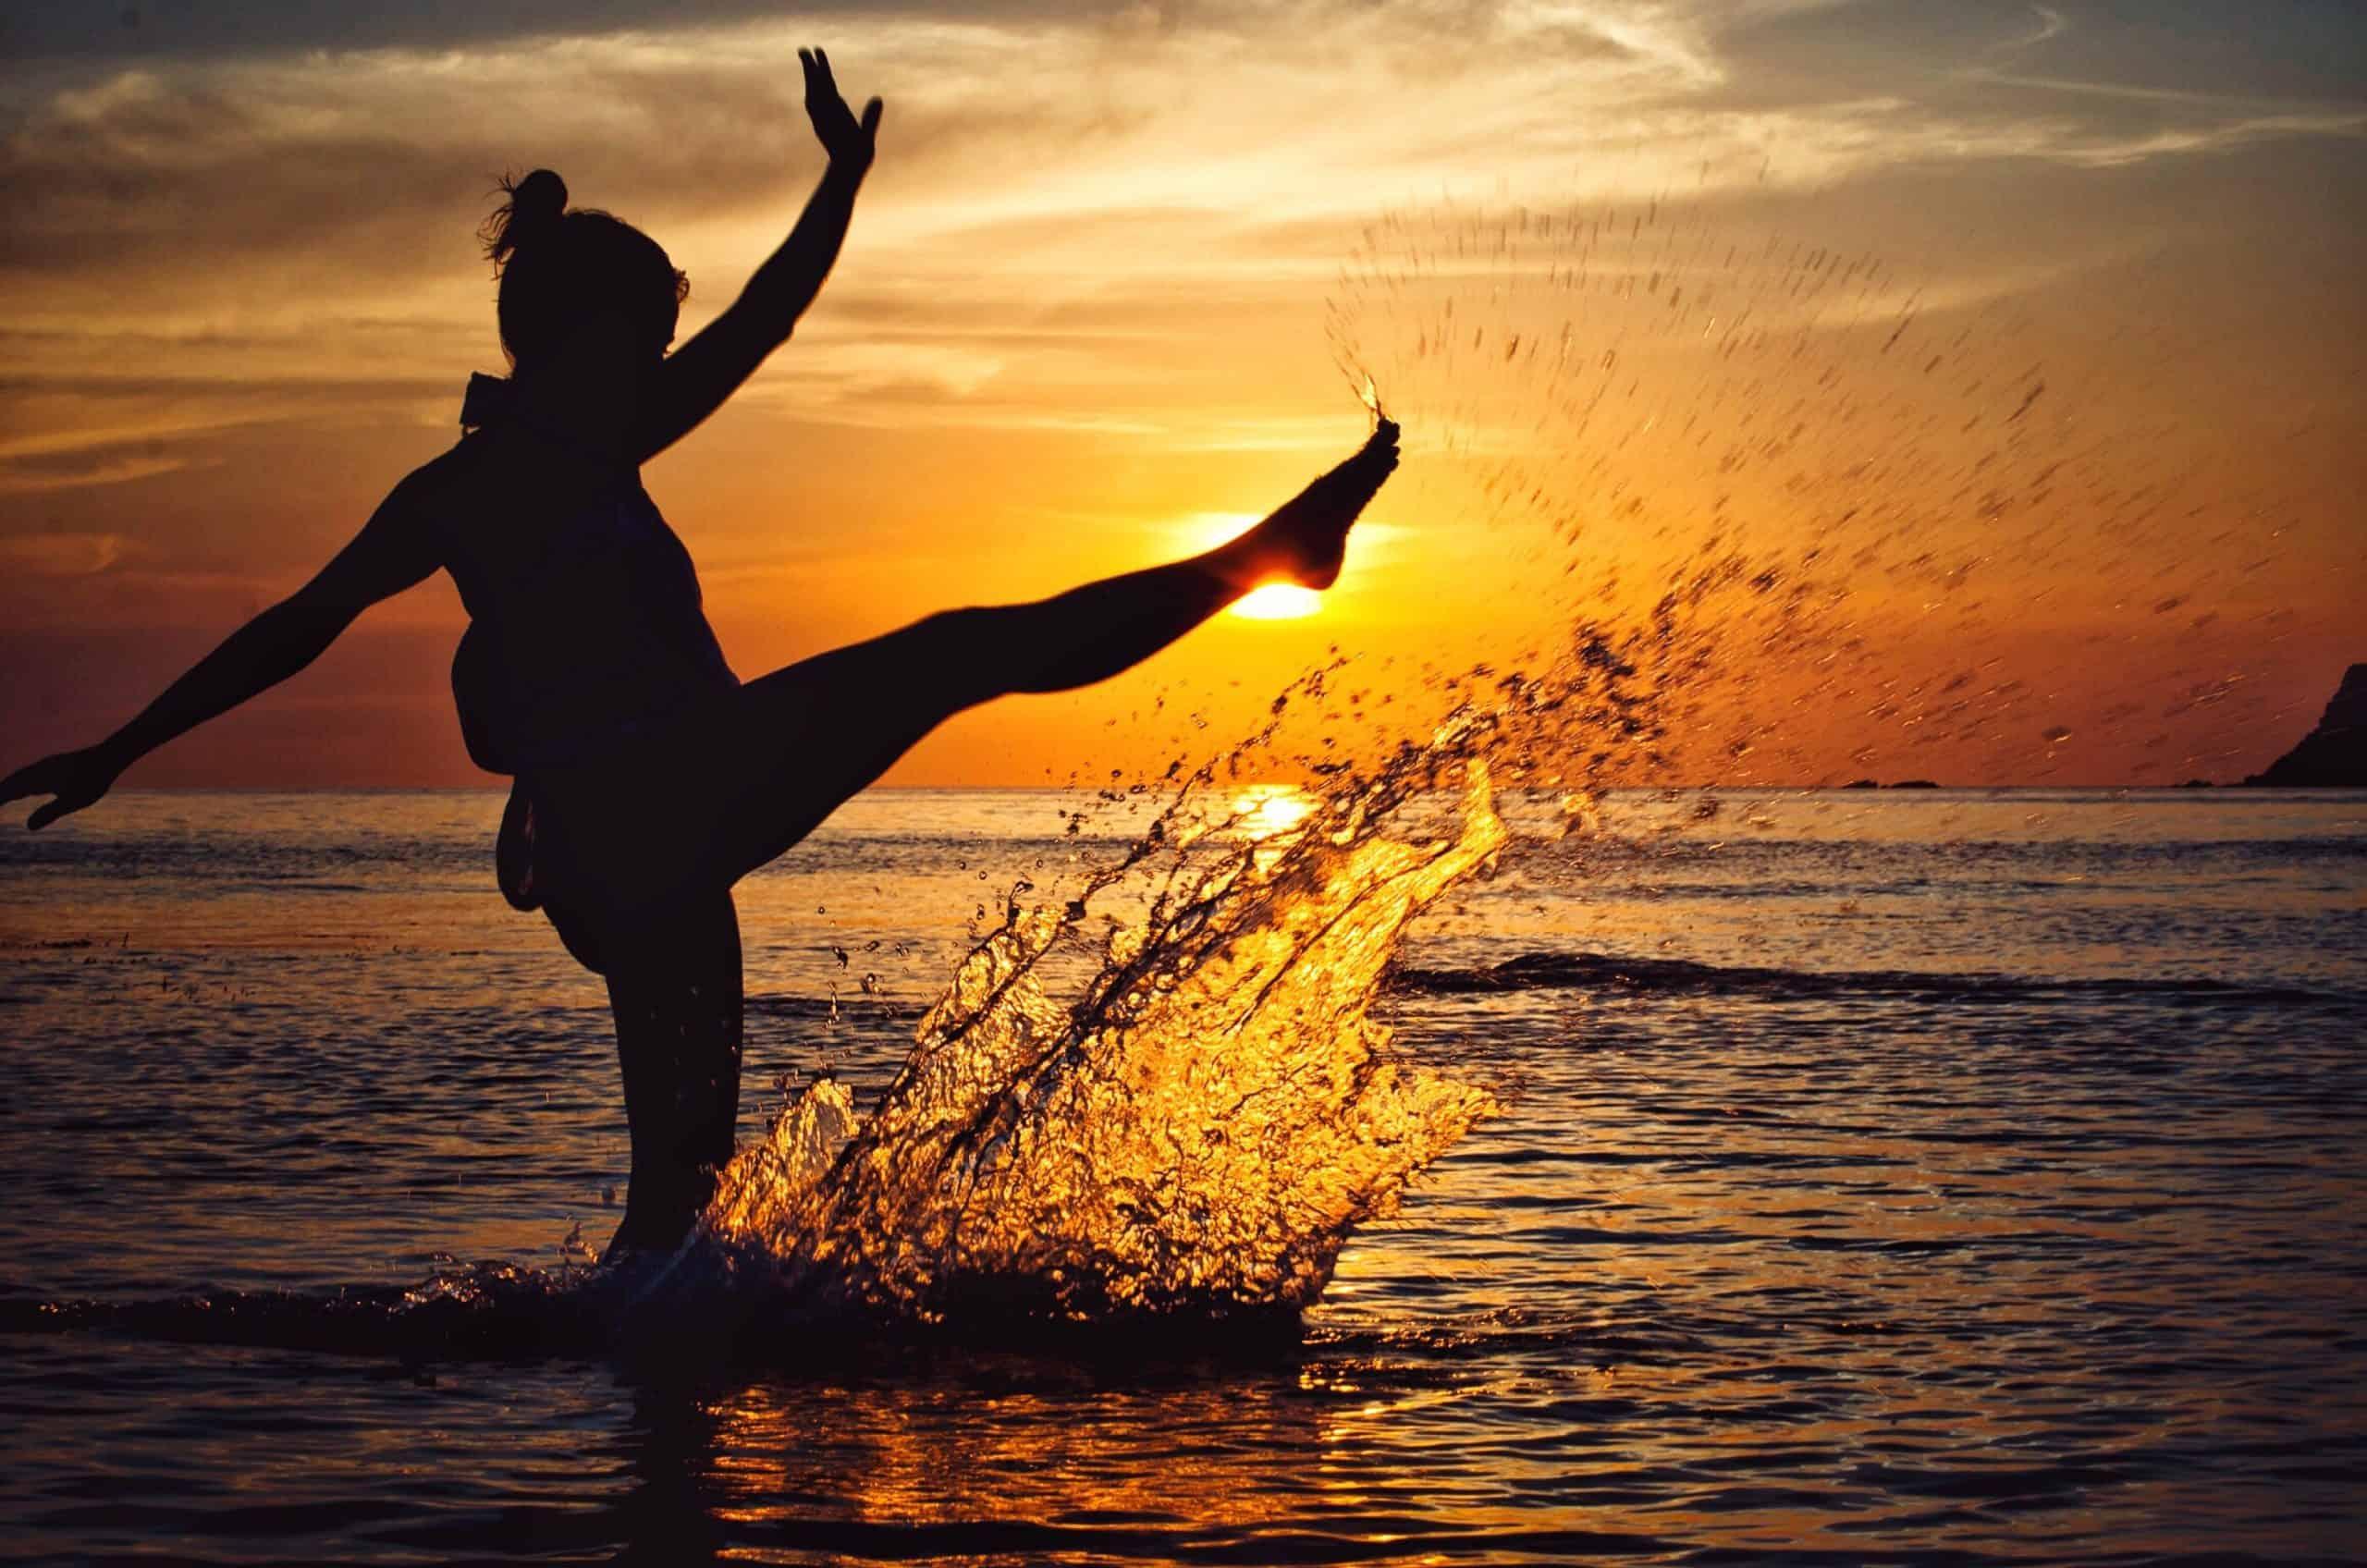 July morning - свободата да плуваш към слънцето